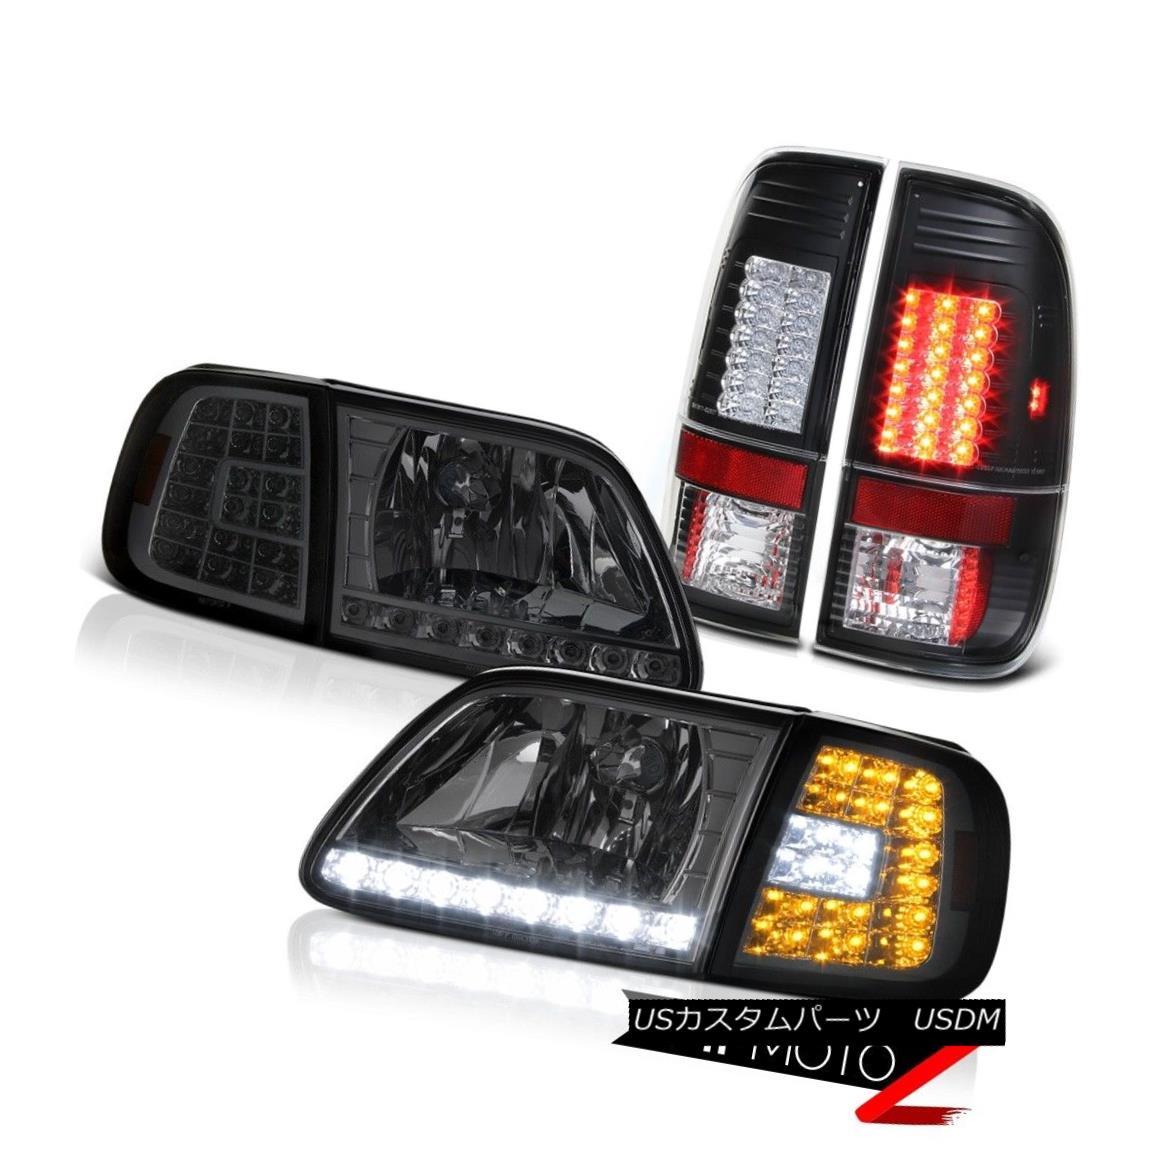 テールライト 97 98 99 00 01 02 03 F150 LED Smoke Corner+Headlamps Matte Black LED Tail Lights 97 98 99 00 01 02 03 F150 LEDスモークコーナー+ヘッドラム psマットブラックLEDテールライト